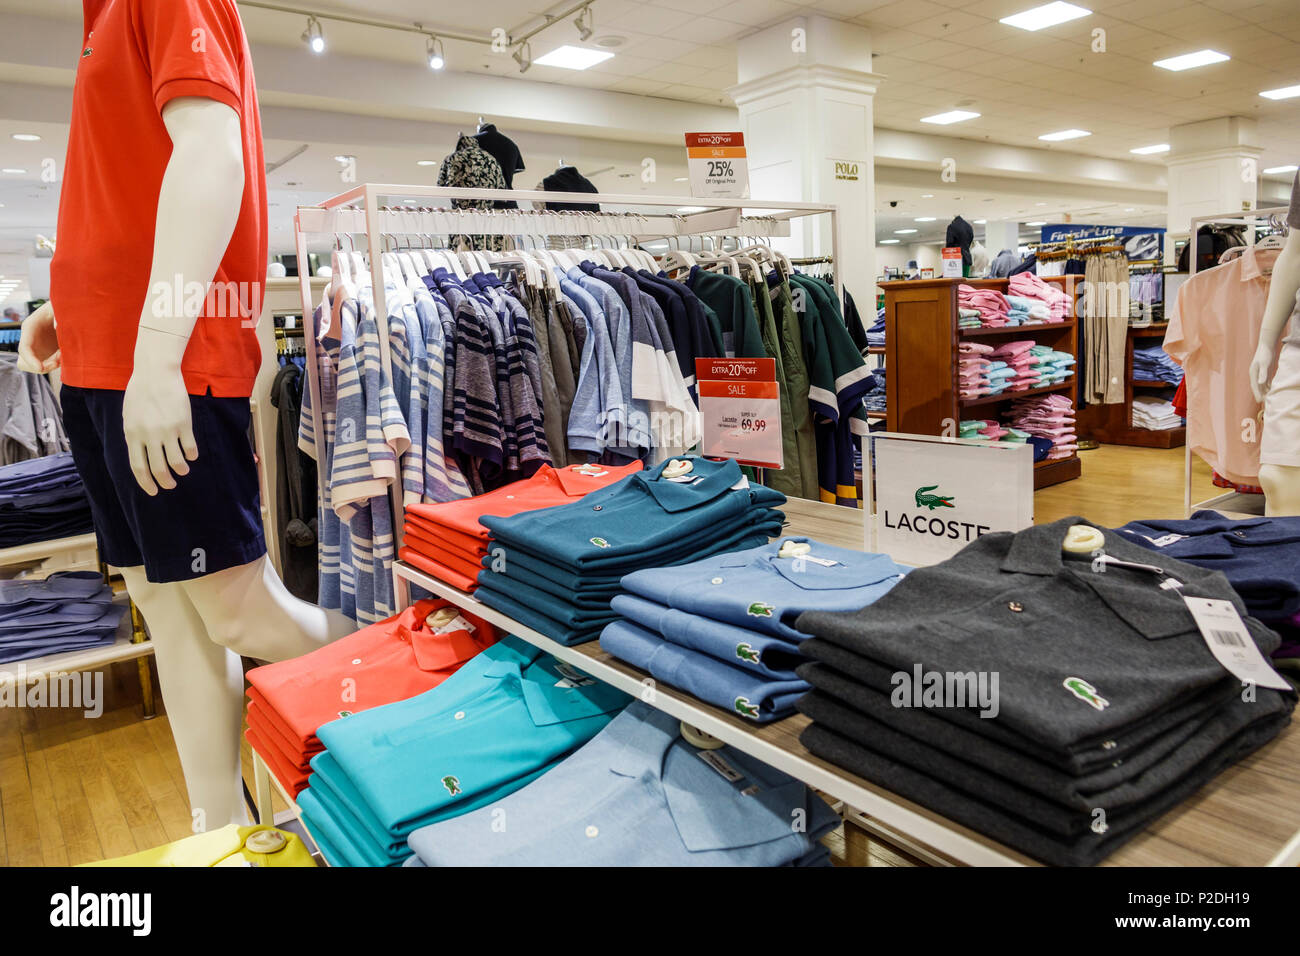 4b5f557bcecb0 Jensen Beach Florida Macy s dentro de tiendas de ropa para hombres marca  Izod Lacoste diseñador mostrar logo camiseta de tenis cocodrilo venta  mostrar